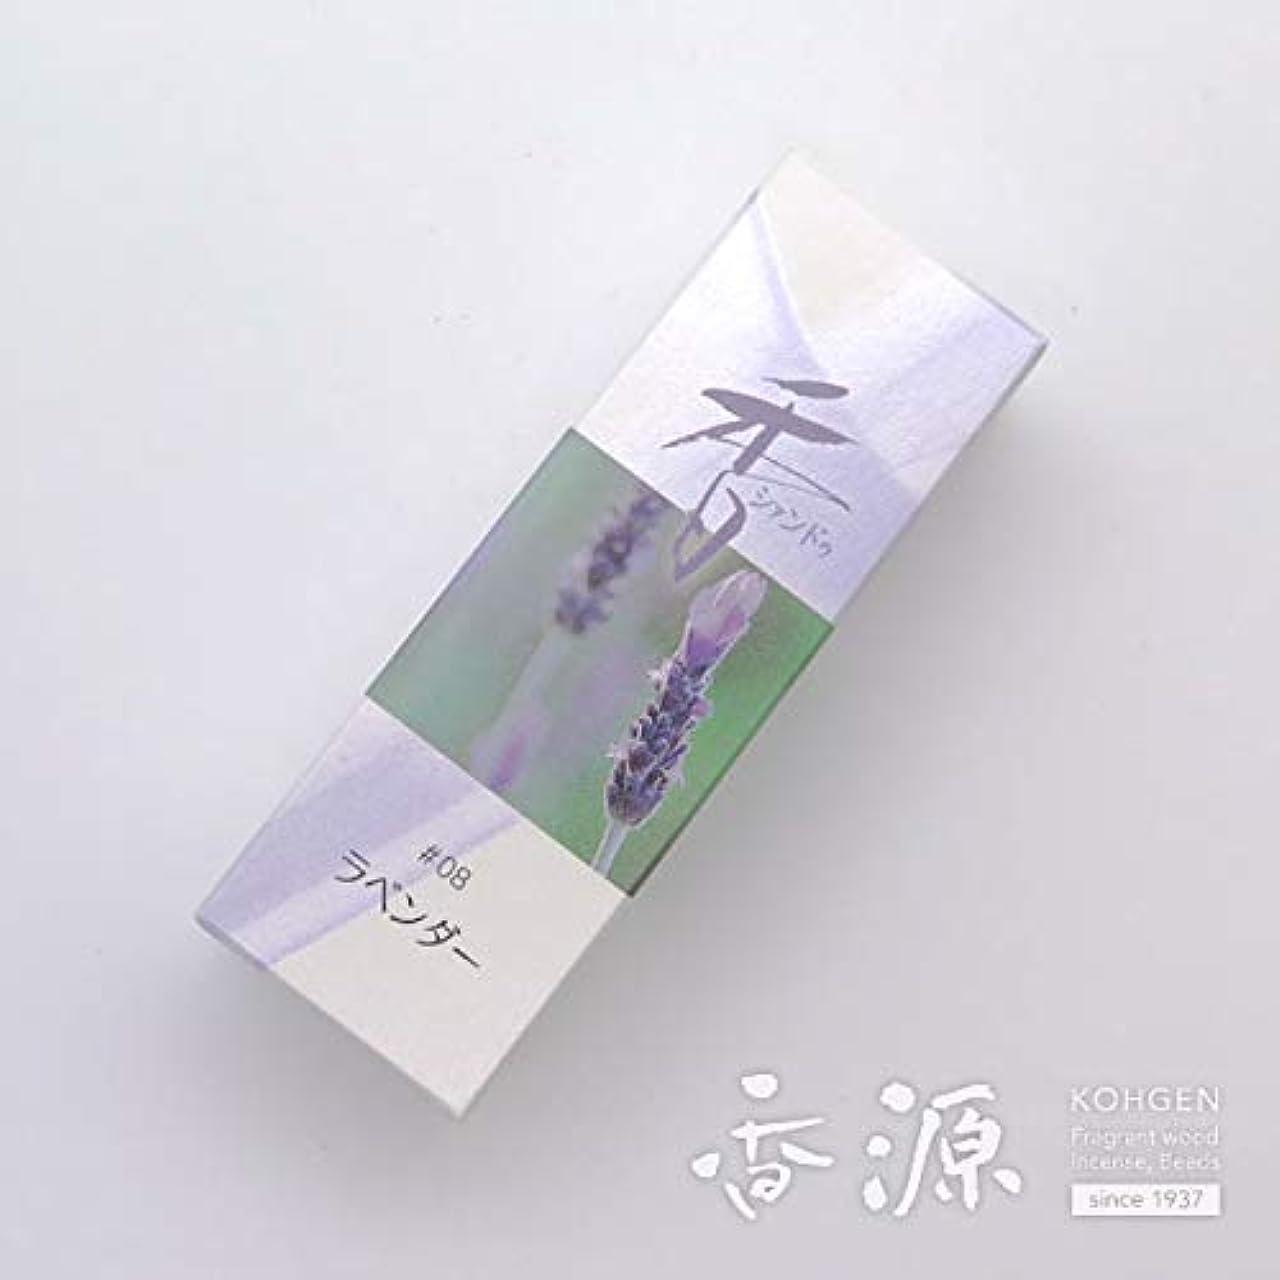 放置エイリアス横向き松栄堂のお香 Xiang Do ラベンダー ST20本入 簡易香立付 #214208